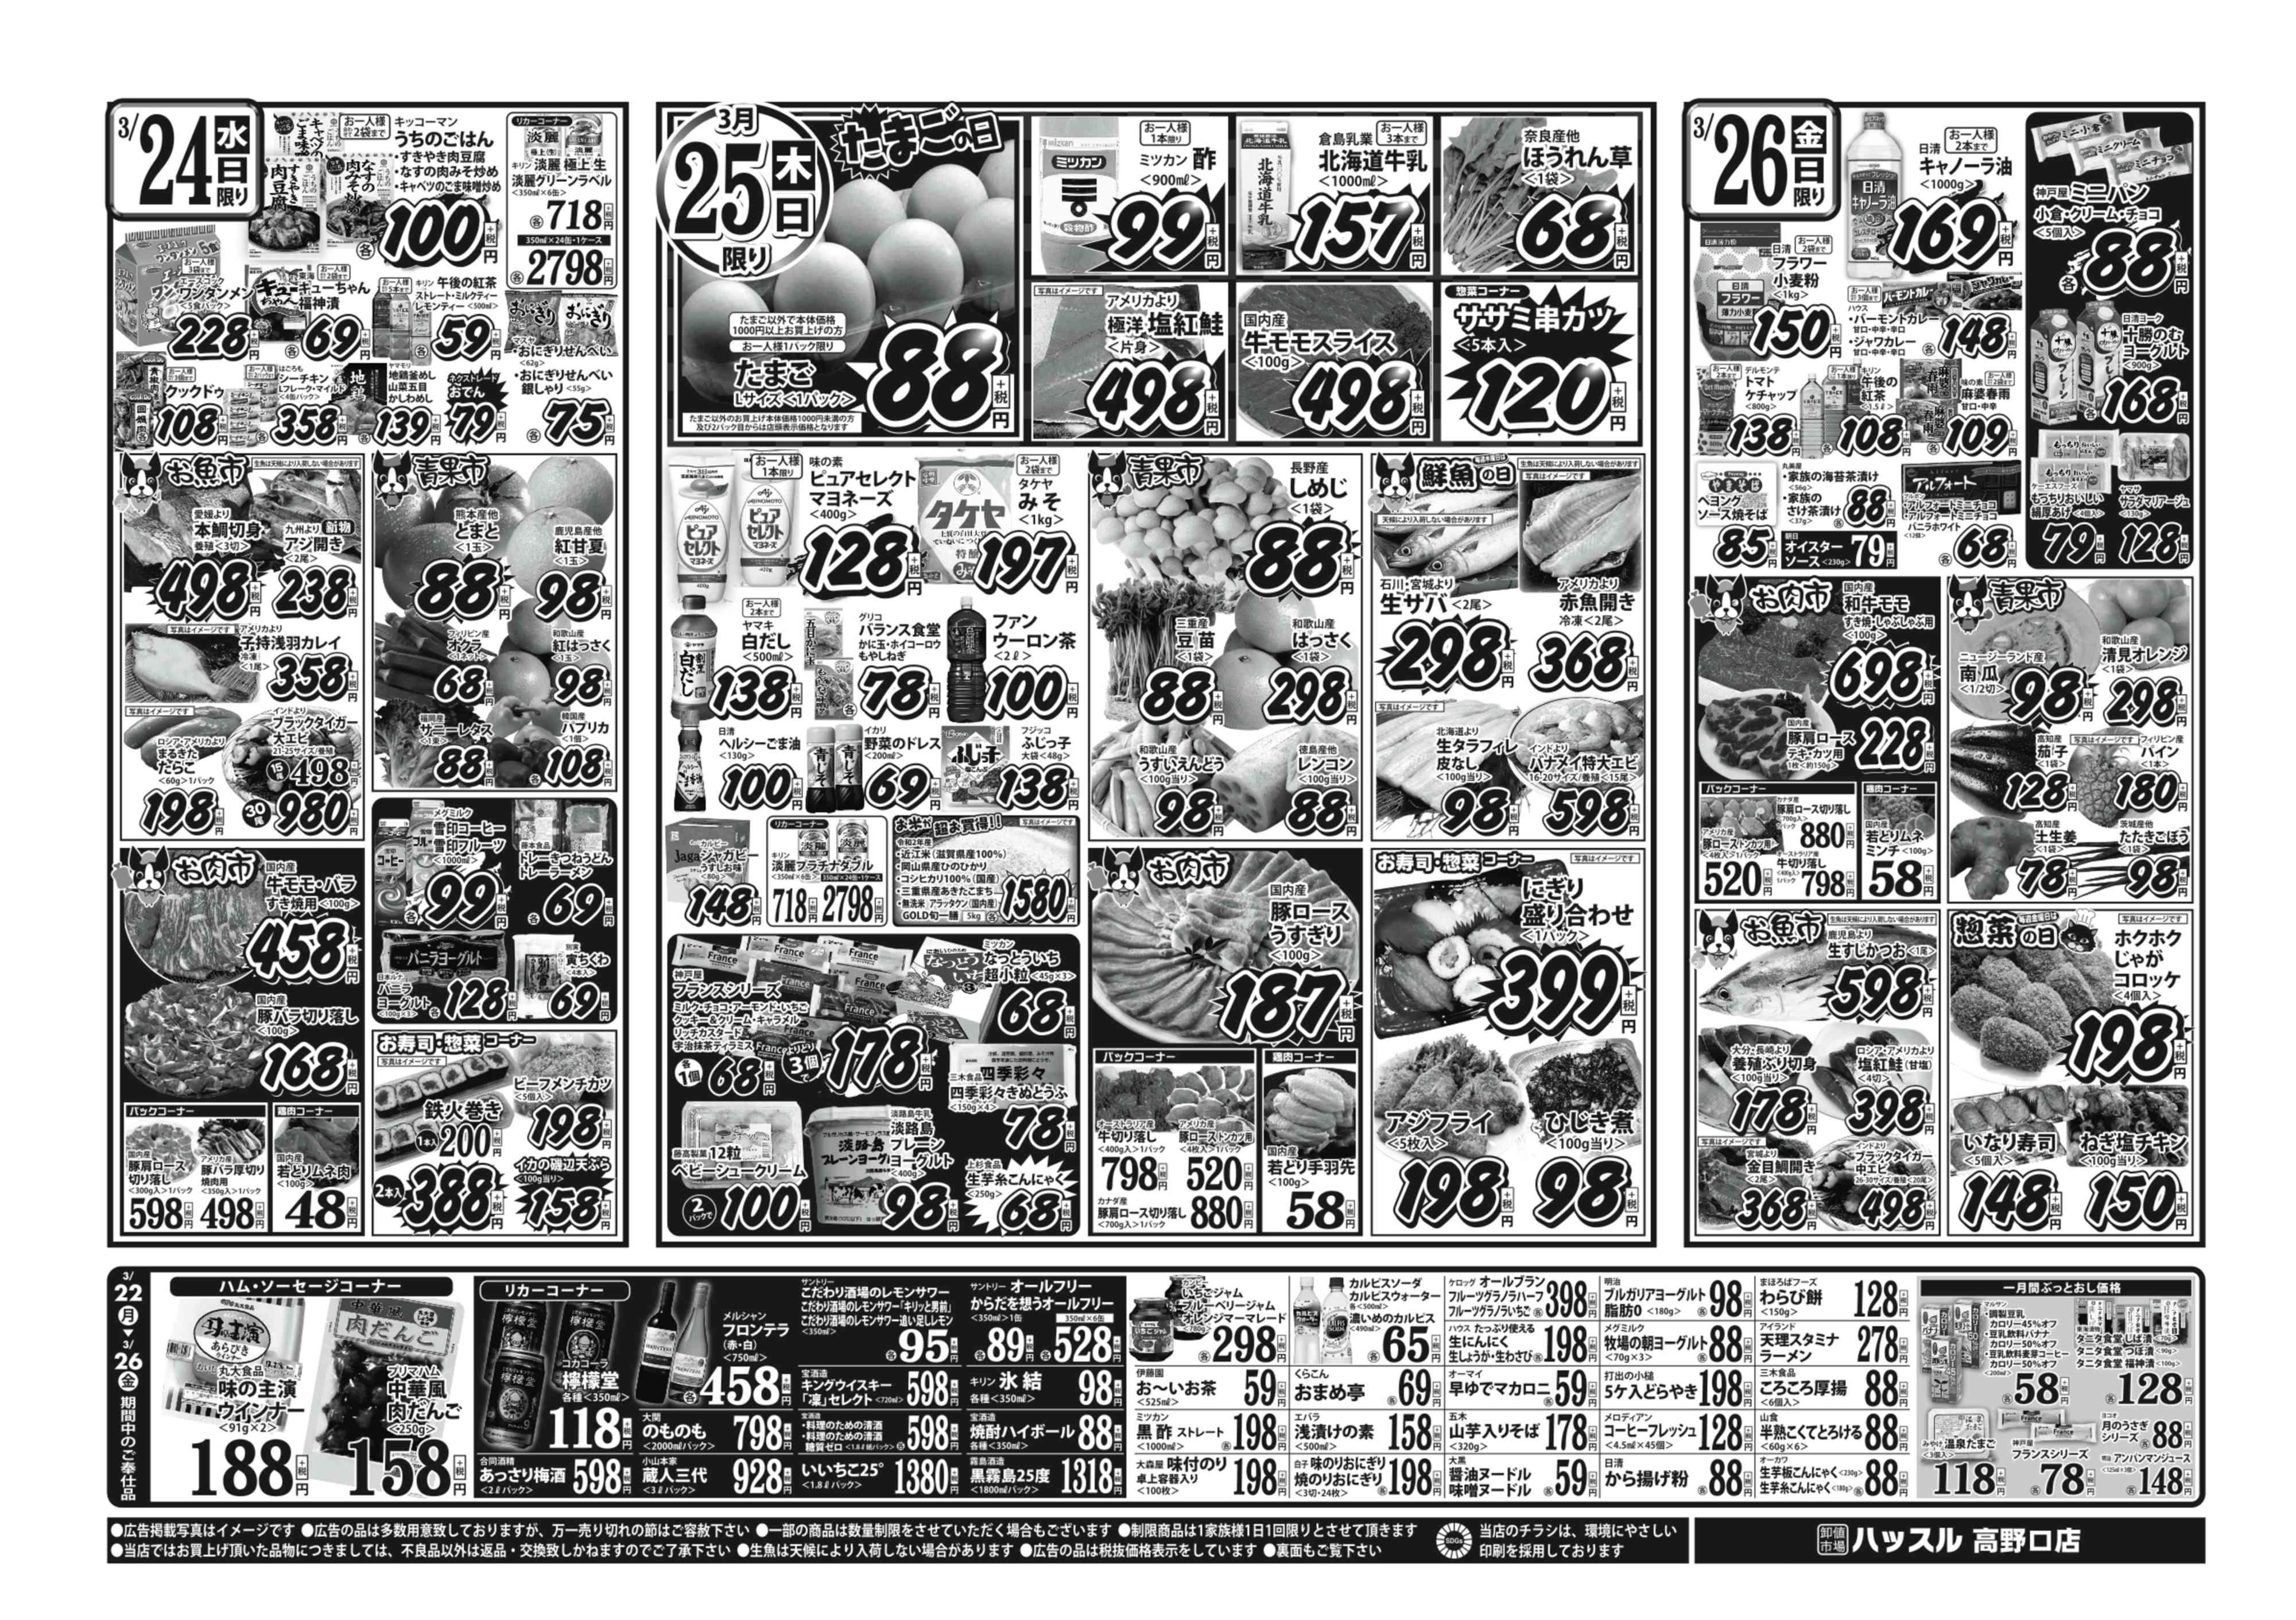 チラシ ハッスル 高野口 シュフーのチラシと店舗情報 シュフー Shufoo!